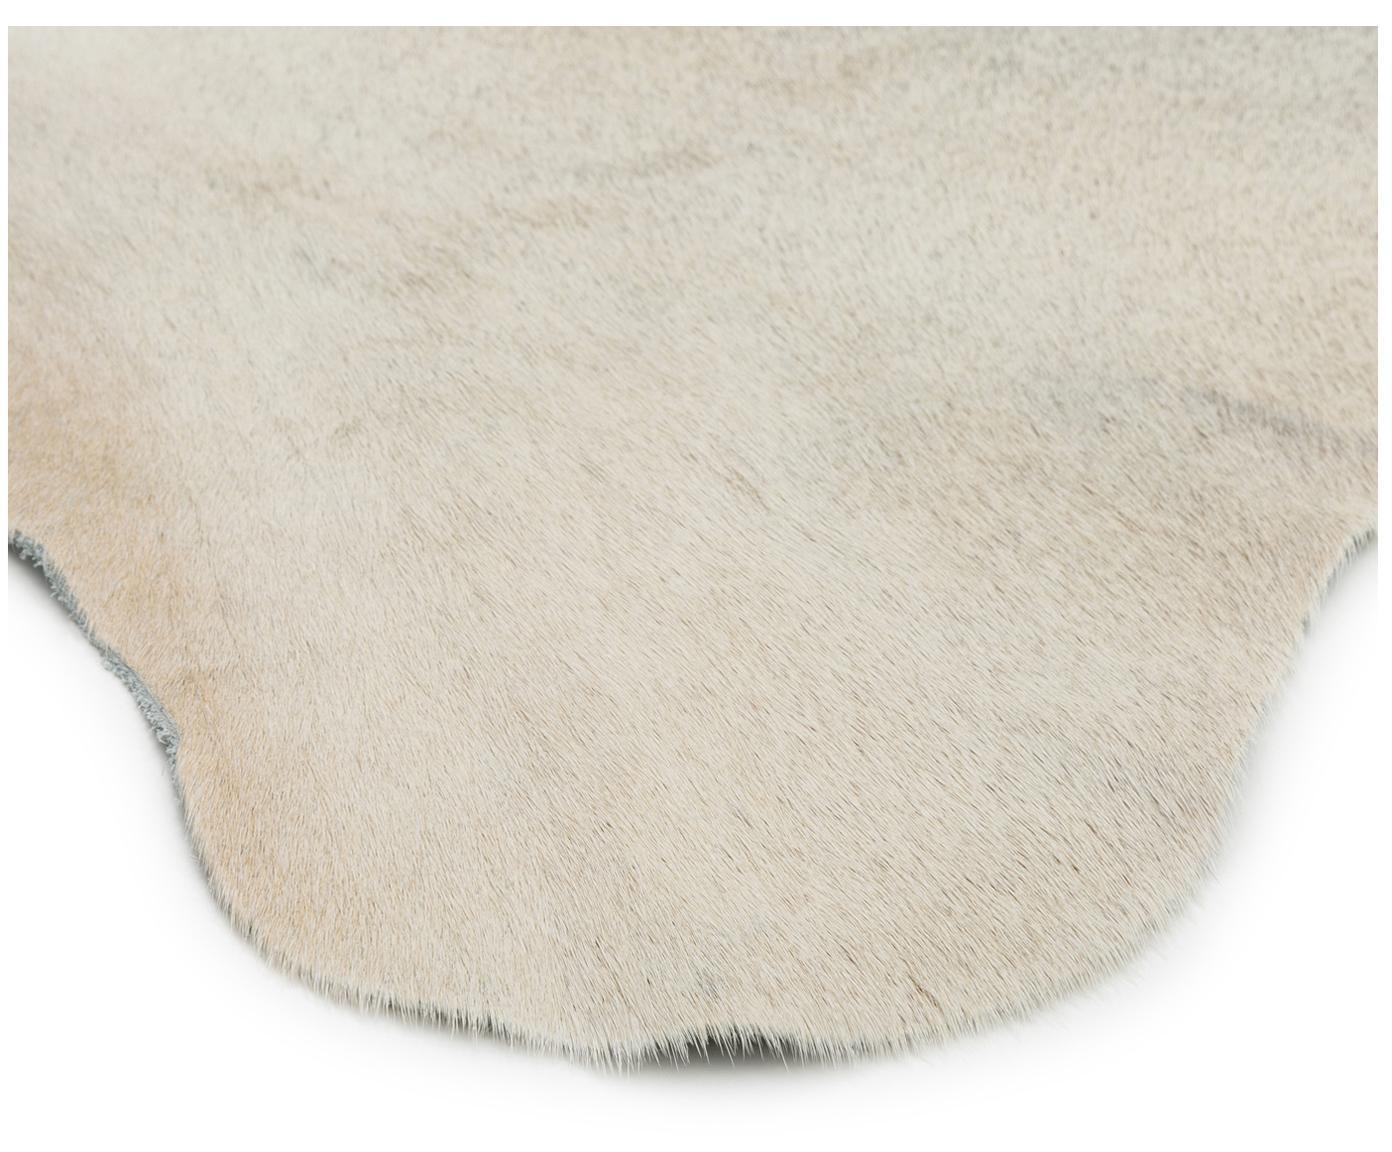 Vloerkleed van koeienhuid Anna, Koeienhuid, Wit, beige, Unieke koeienhuid 1090